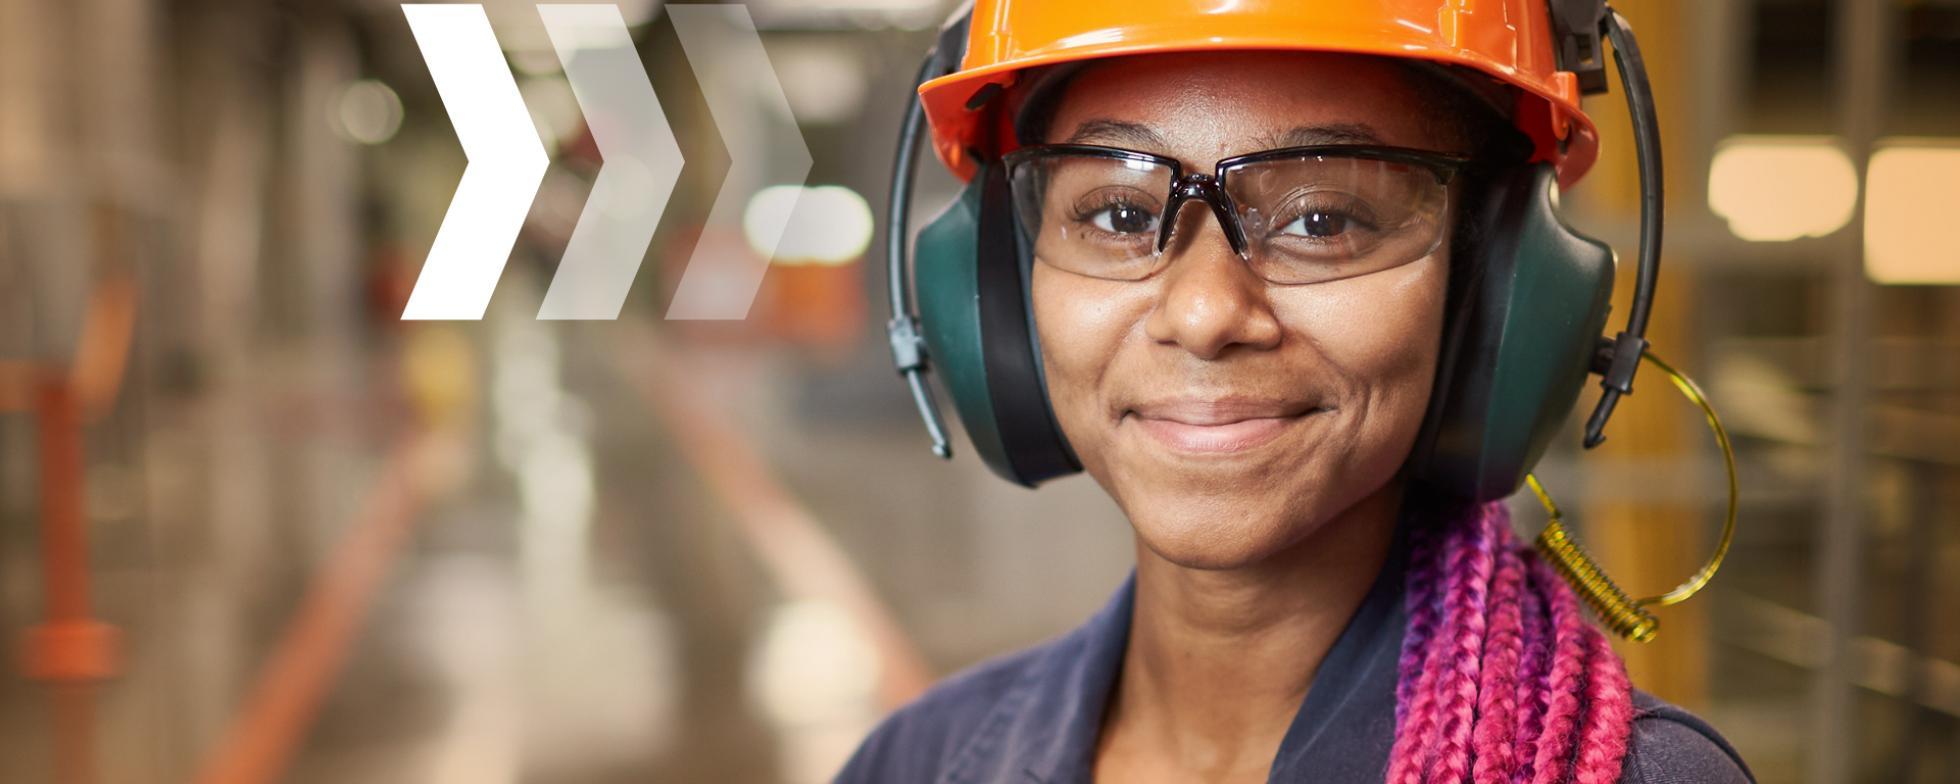 femme dans un milieu industriel regardant la caméra